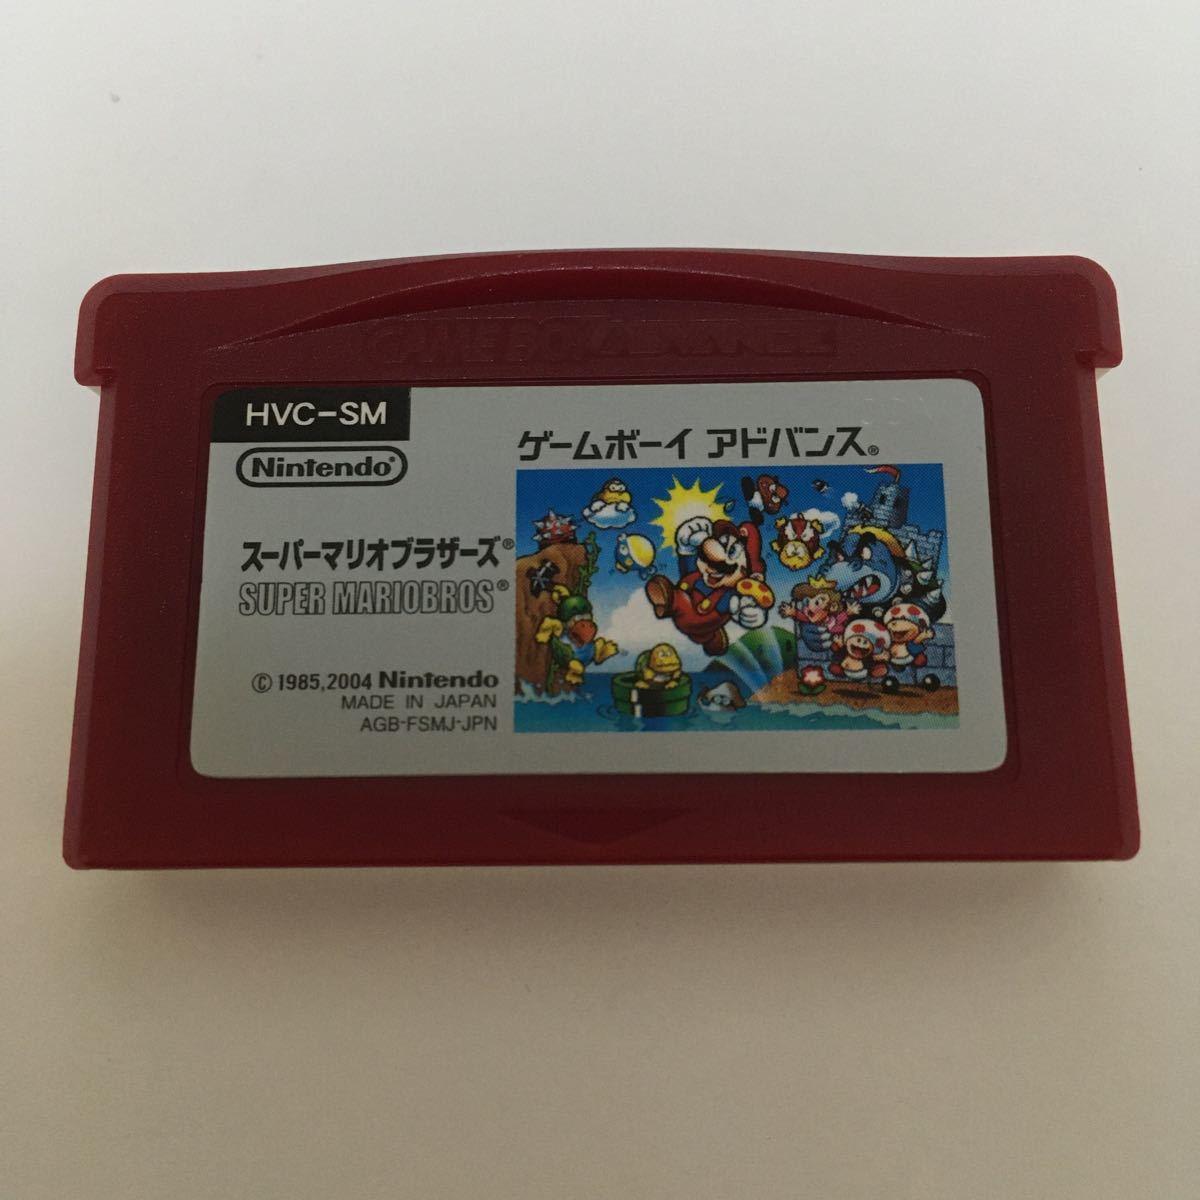 ゲームボーイアドバンス ソフト ファミコンミニ スーパーマリオブラザーズ 動作確認済み レトロ ゲーム 任天堂 カセット